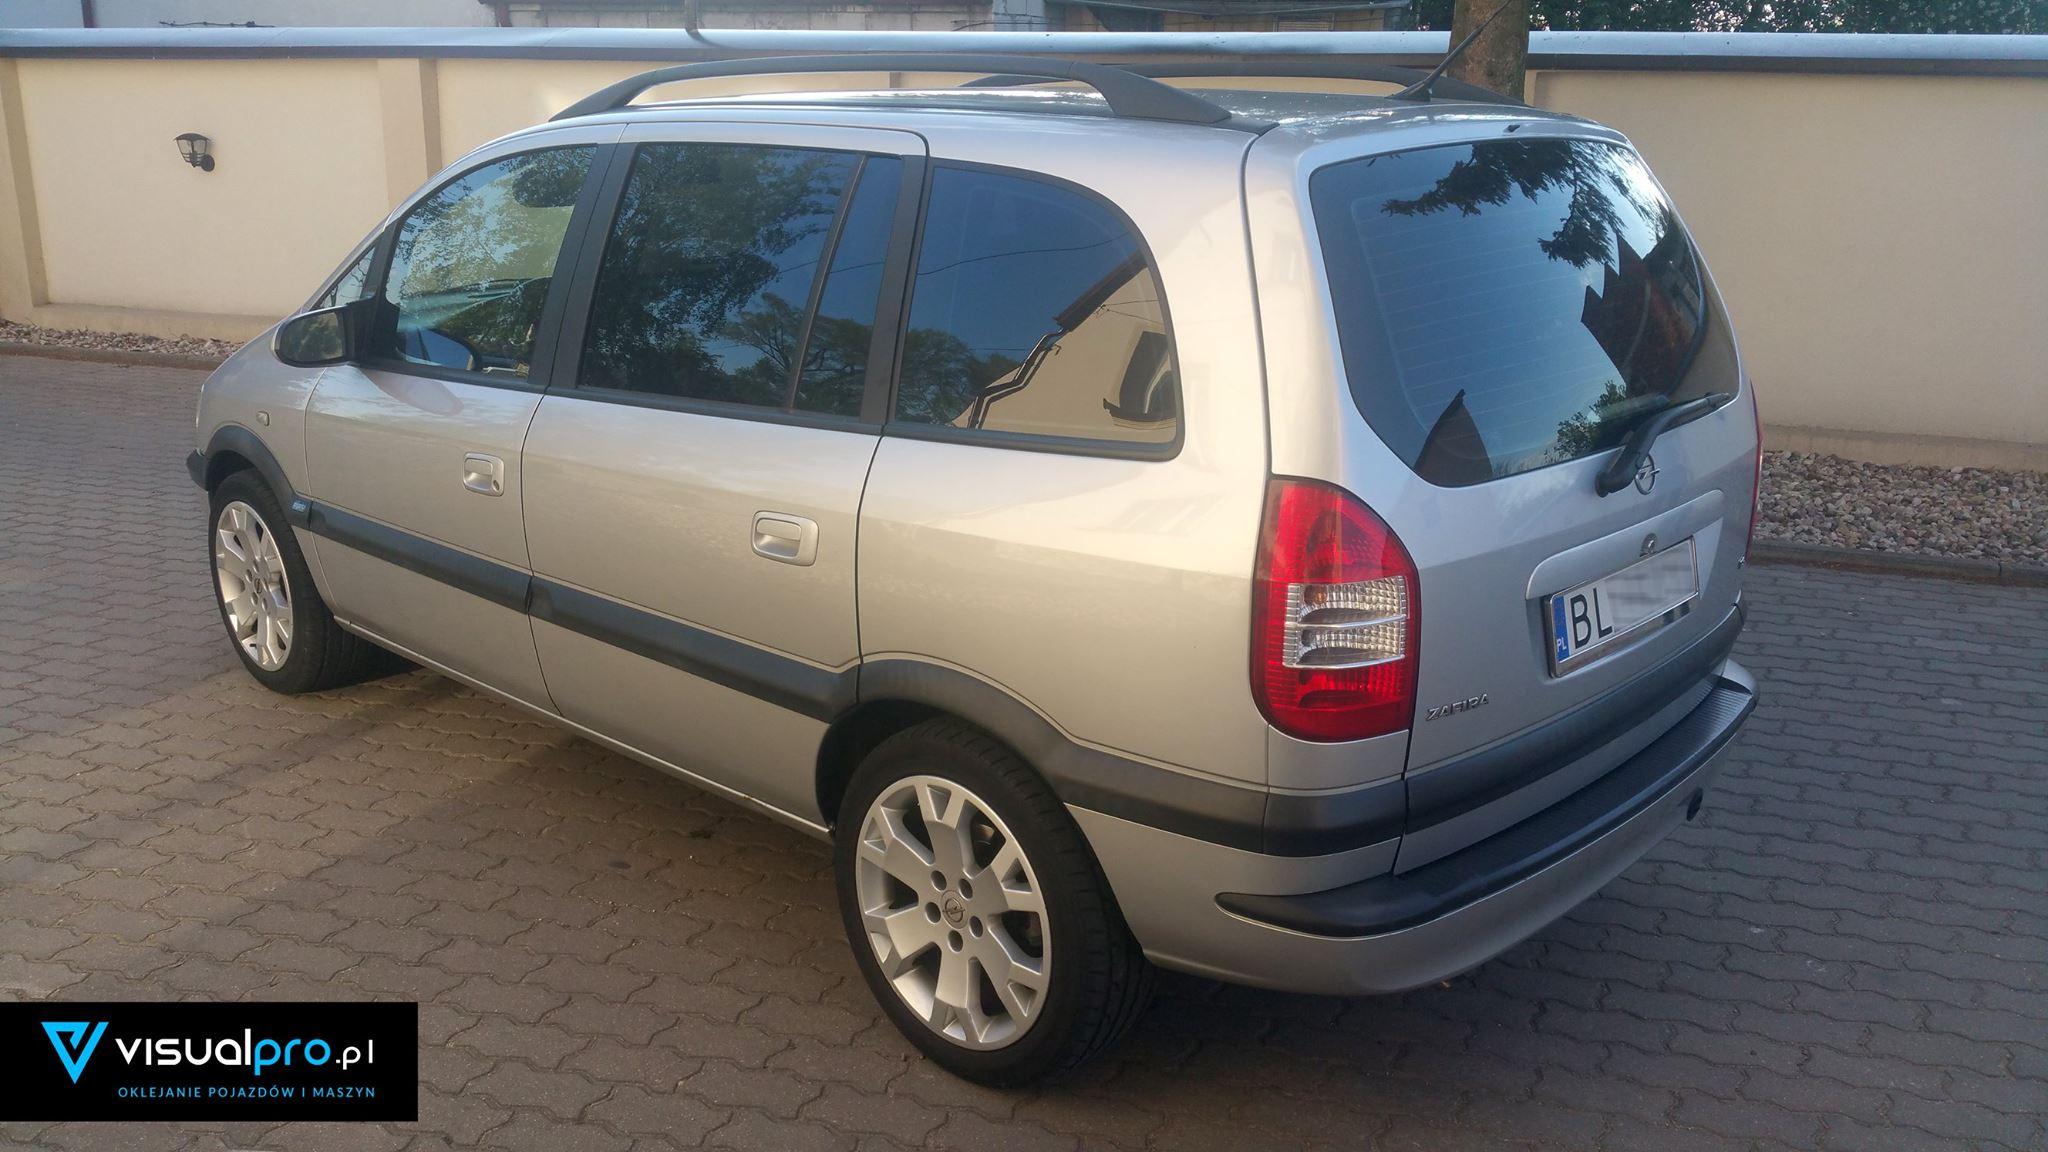 Przyciemnianie Szyb Opel Zafira